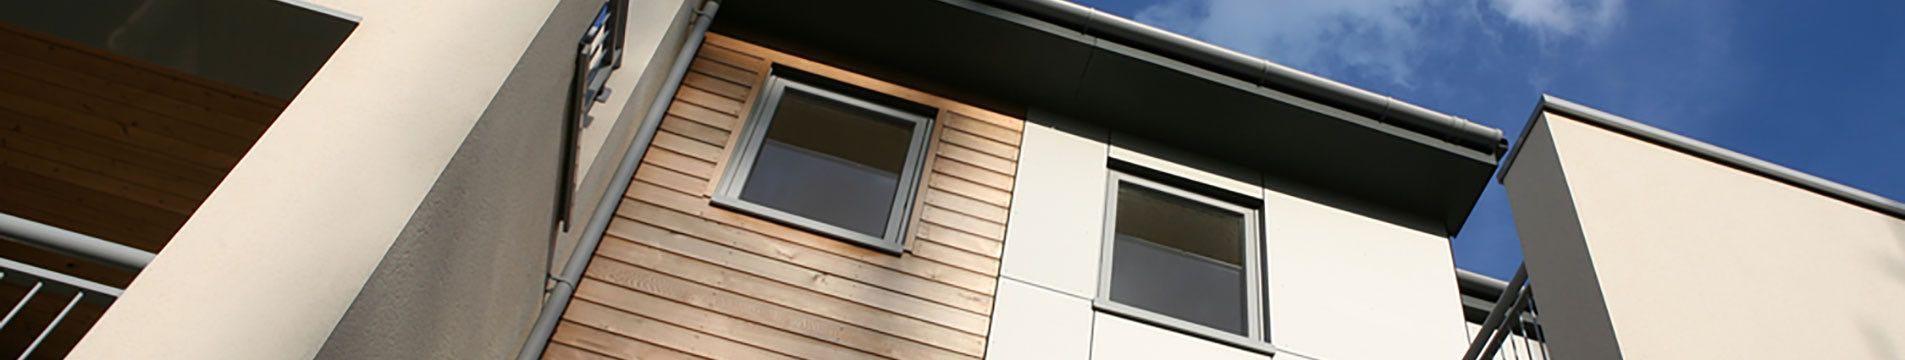 aluminium windows house